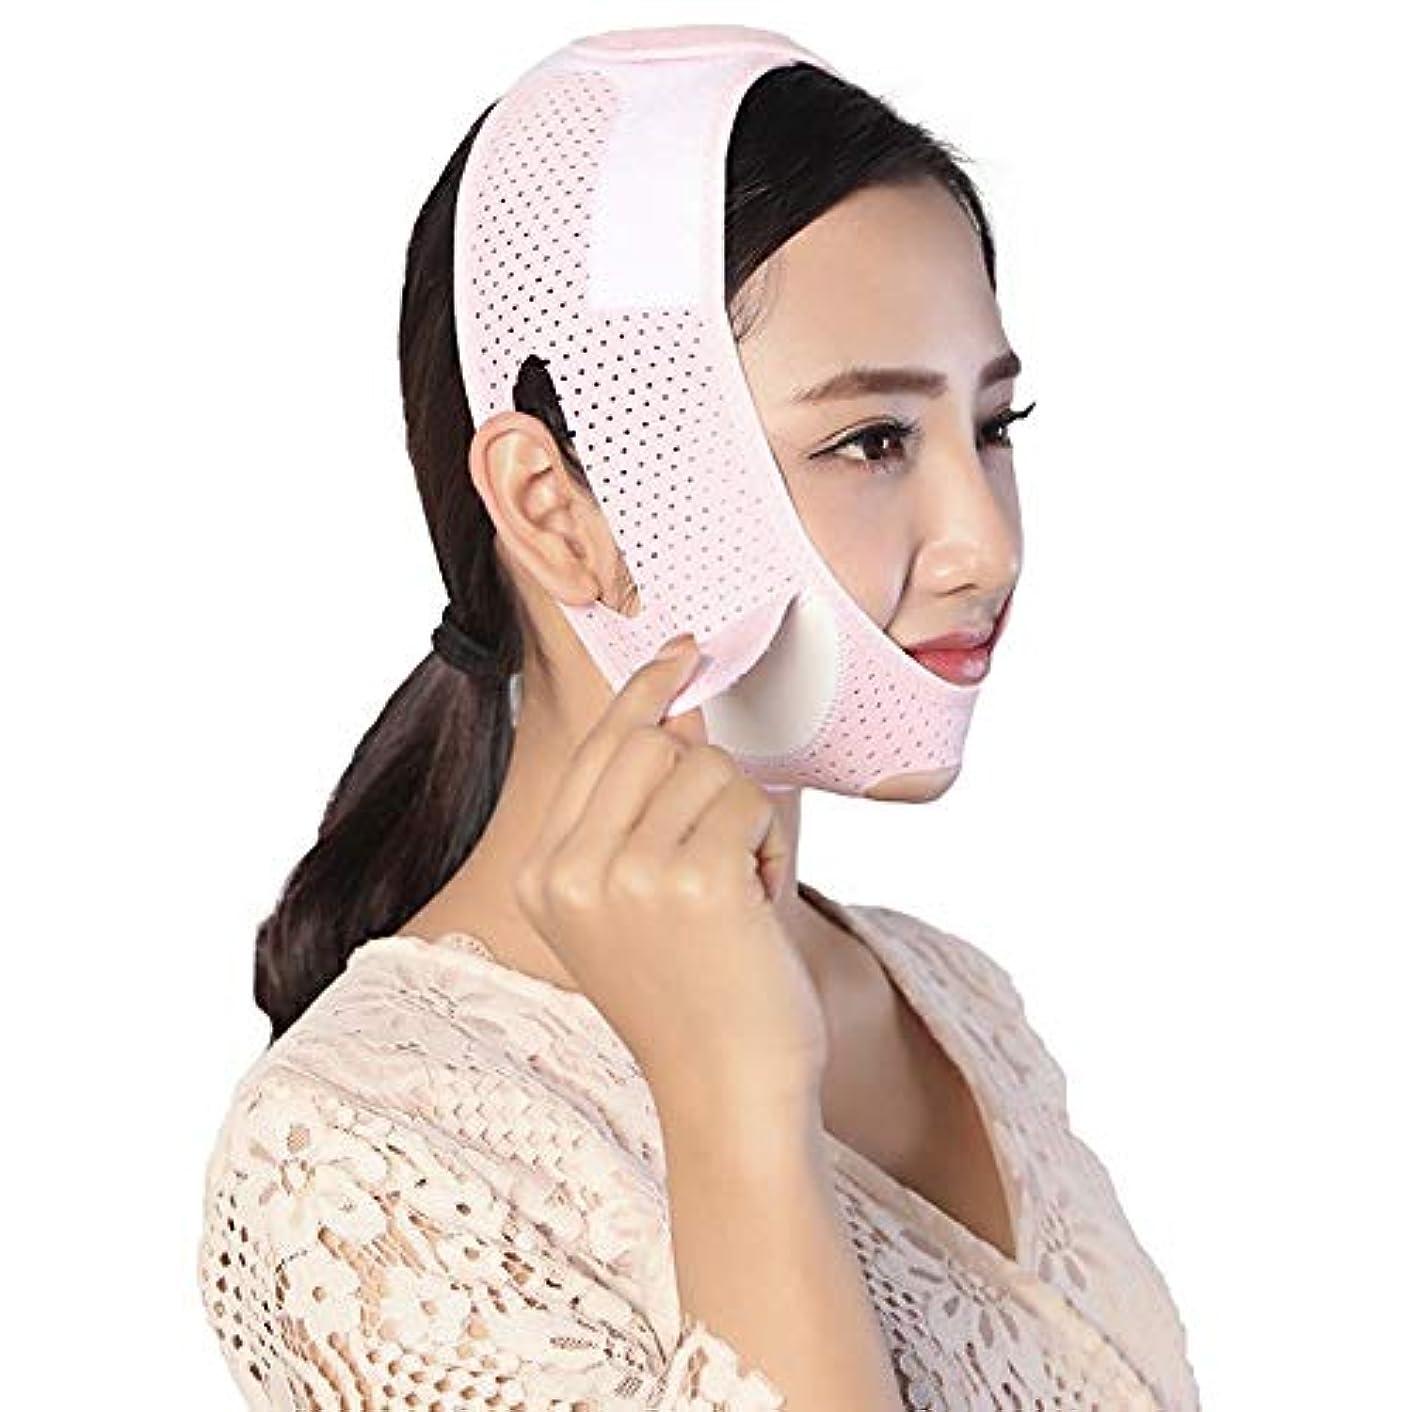 銛春泣き叫ぶJia Jia- フェイシャルリフティング痩身ベルト - 圧縮二重あご減量ベルトスキンケア薄い顔包帯 顔面包帯